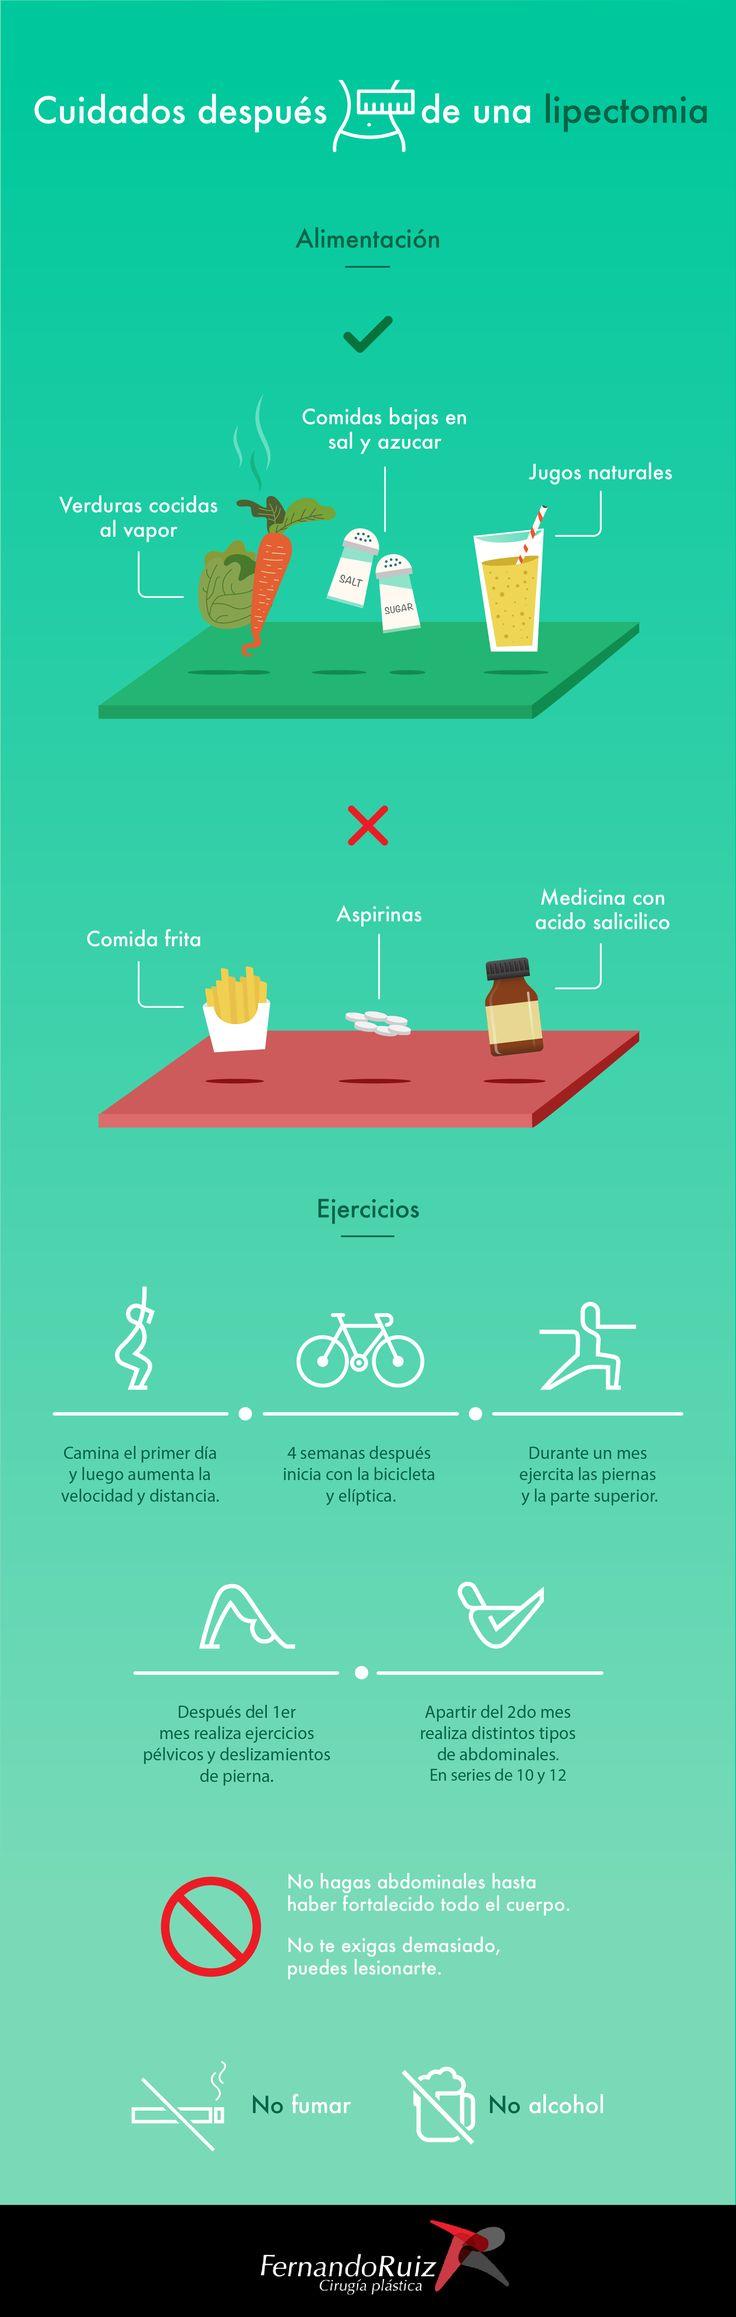 Infografía cuidados lipectomia Dr. Fernando Ruiz